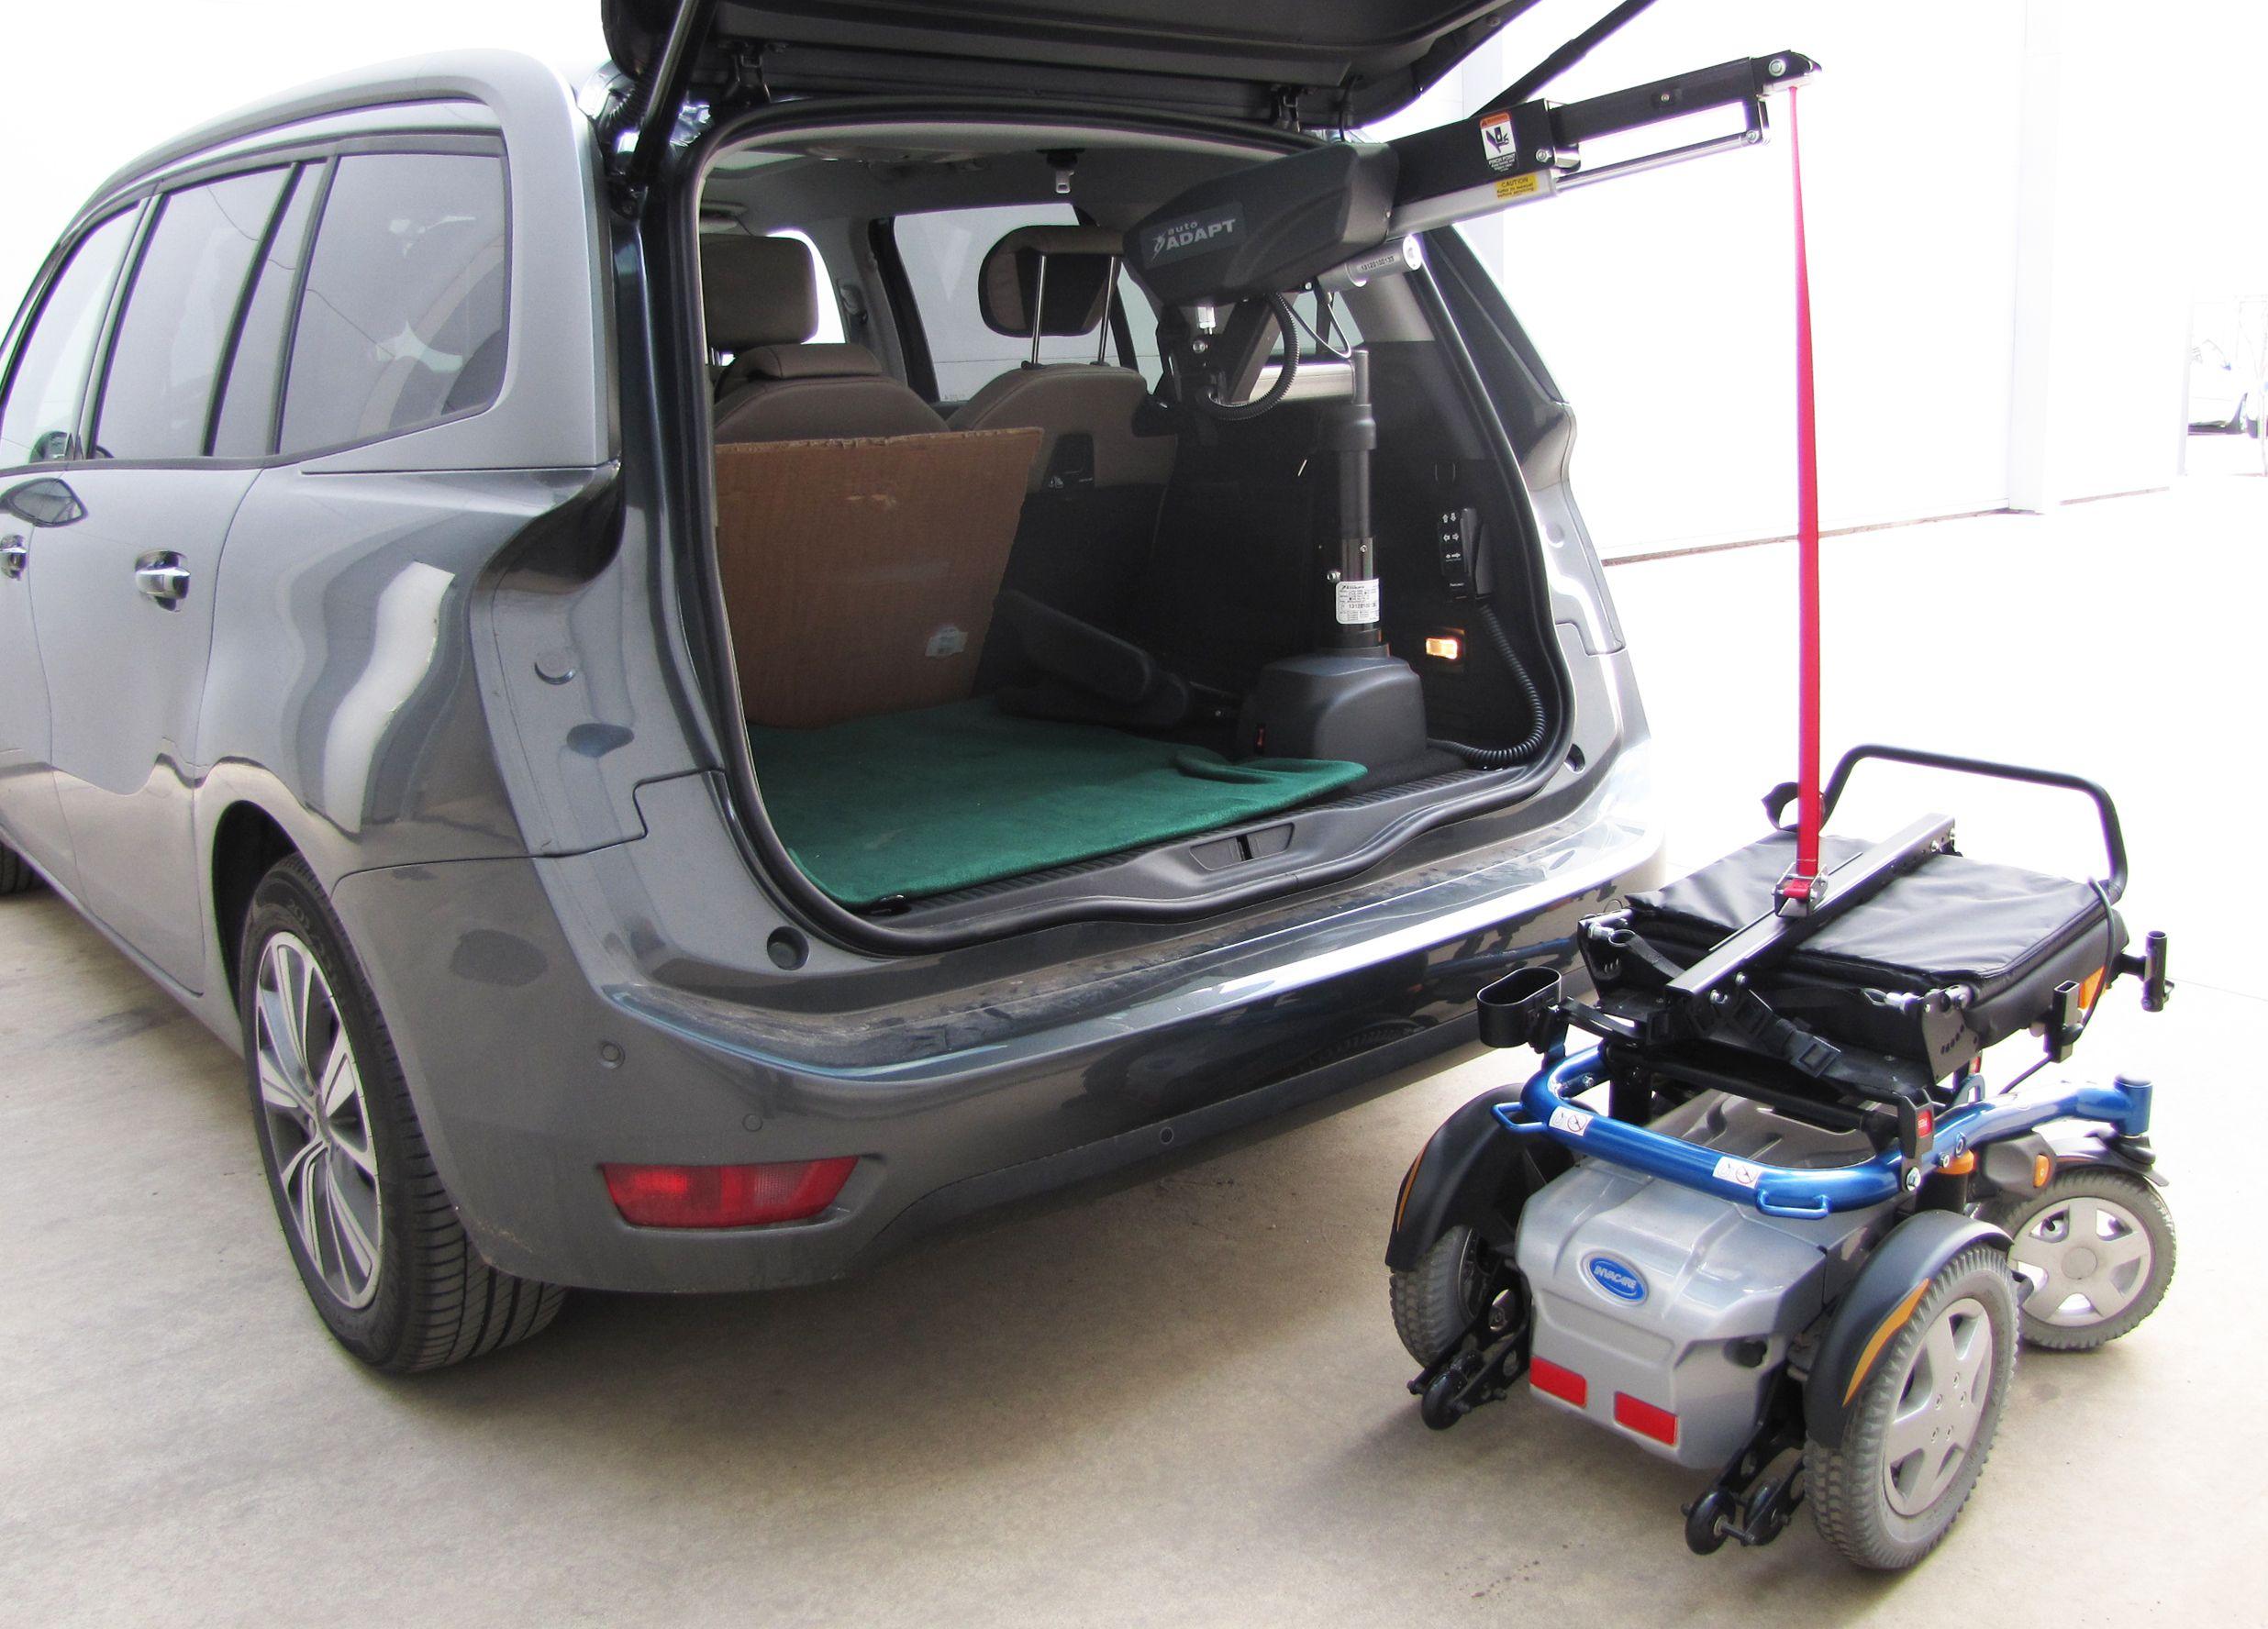 GRÚA ELÉCTRICA - CITROËN C4. Las grúas eléctricas que instalamos en Válida Car son unos mecanismos eléctricos que permiten al usuario levantar y cargar todo tipo de sillas de ruedas y scooters en la parte trasera del coche. Ello se consigue de una forma cómoda, sencilla y sin realizar ningún tipo de esfuerzo, presionando tan solo un interruptor. Las grúas eléctricas están a disposición del usuario en varias versiones, en función de cada necesidad y capacidad de carga.